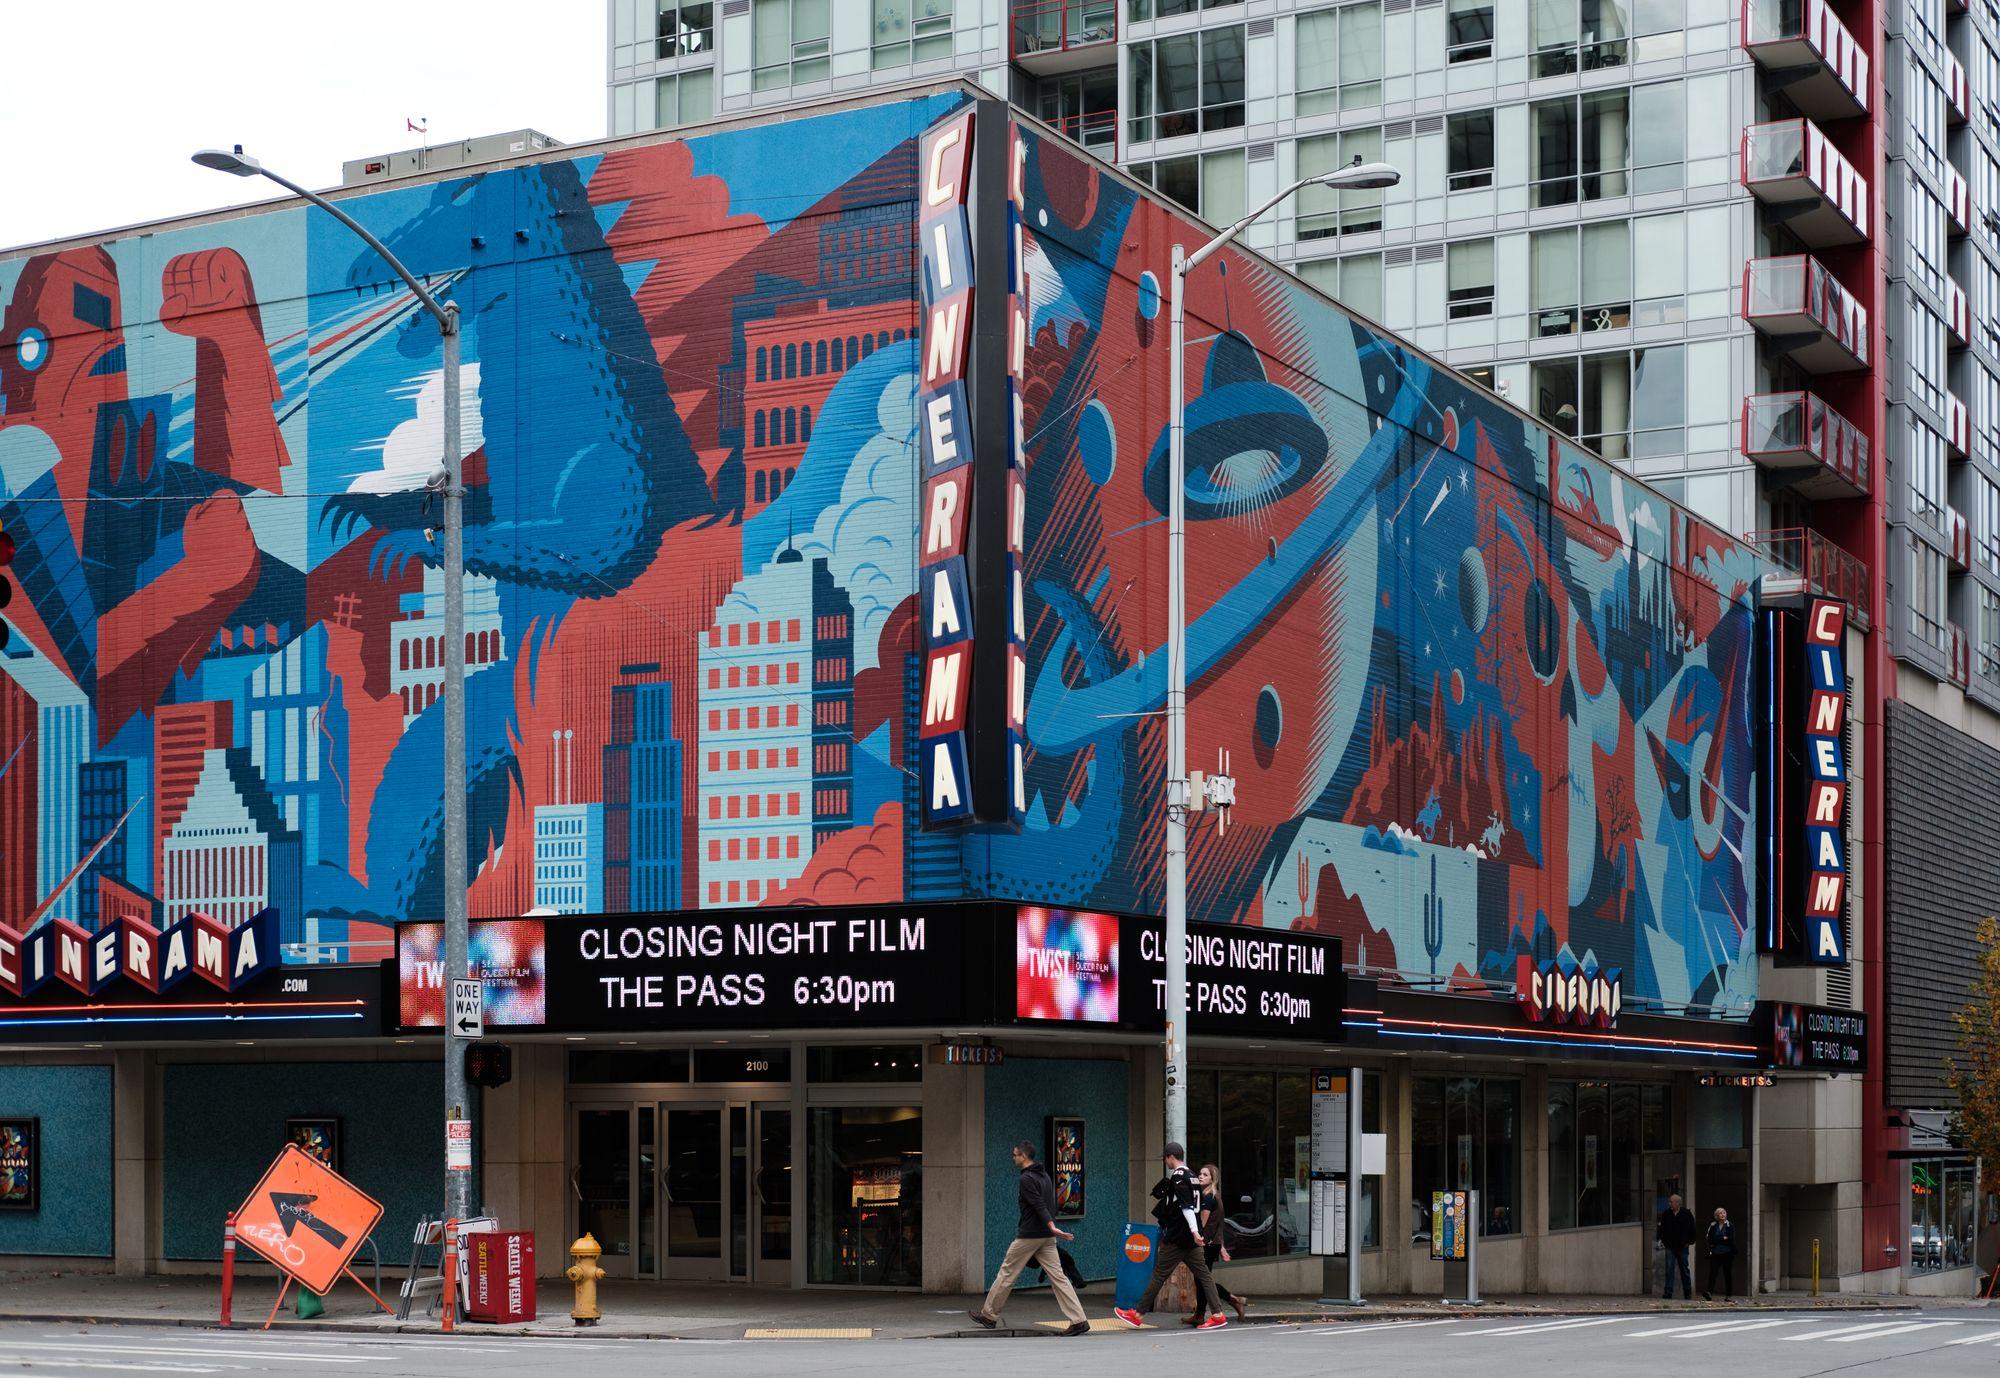 Cinerama Seattle